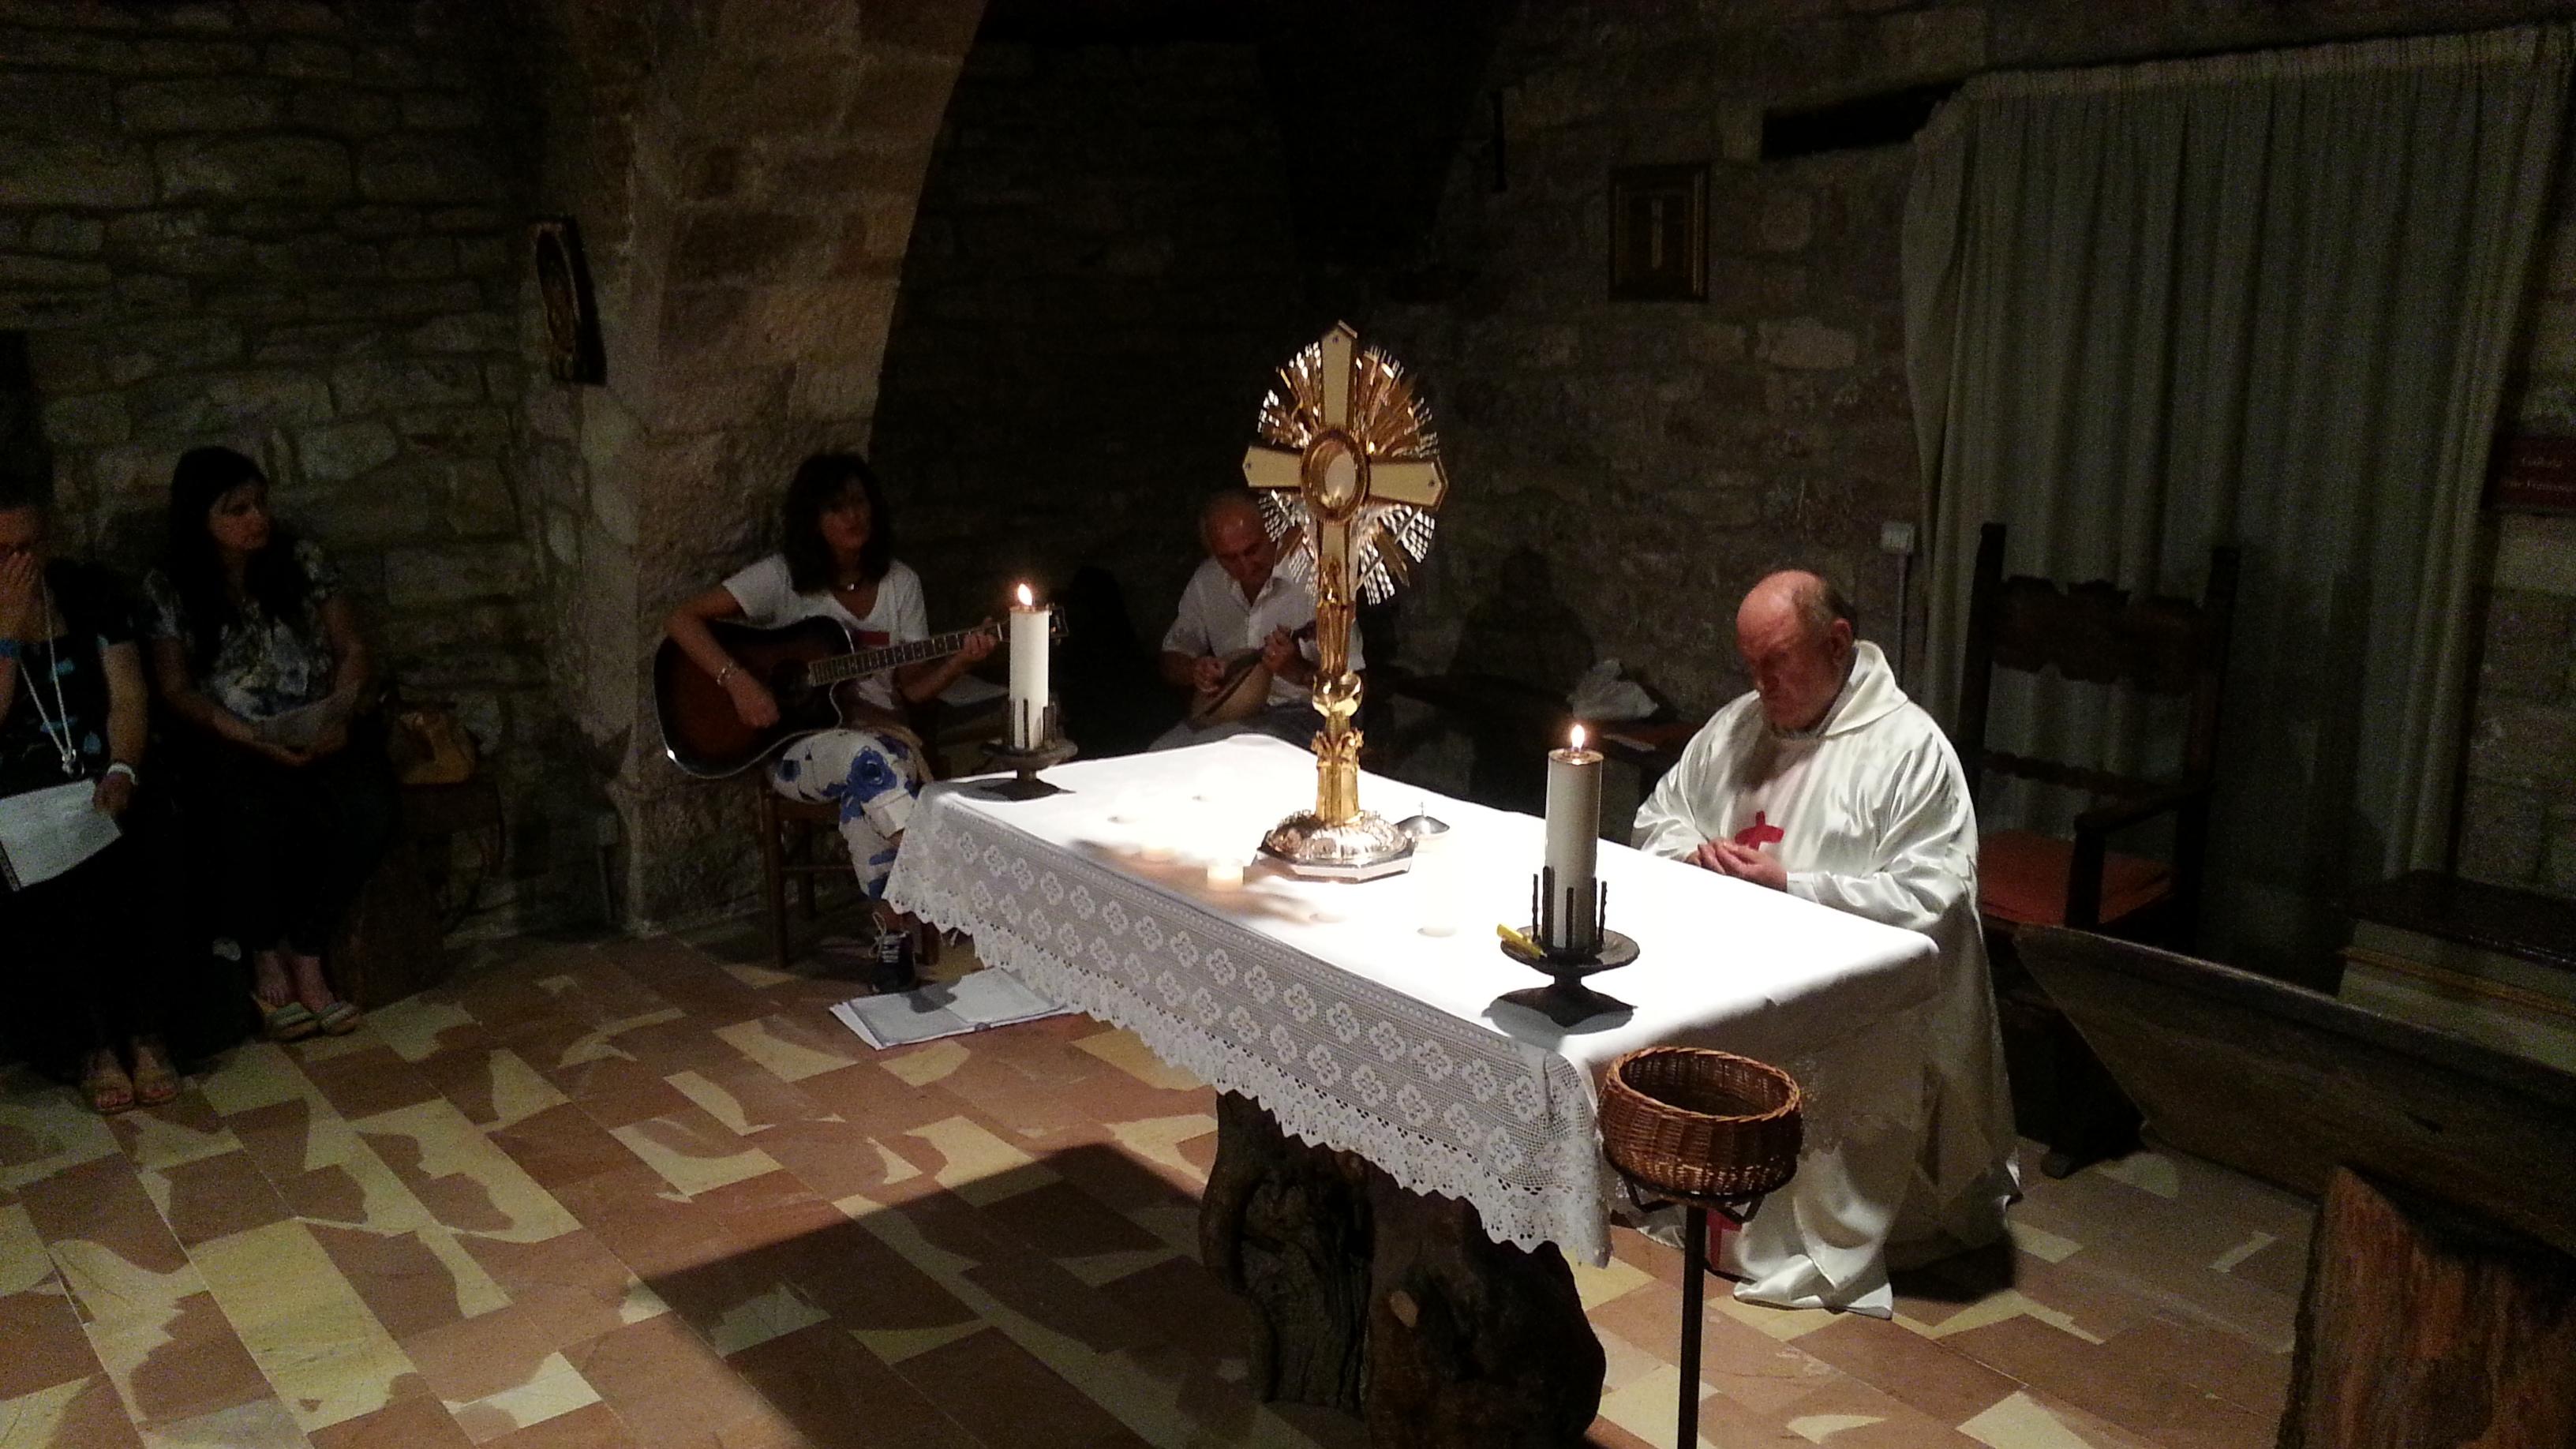 Prossimi appuntamenti dell'Ordine Francescano e della Milizia